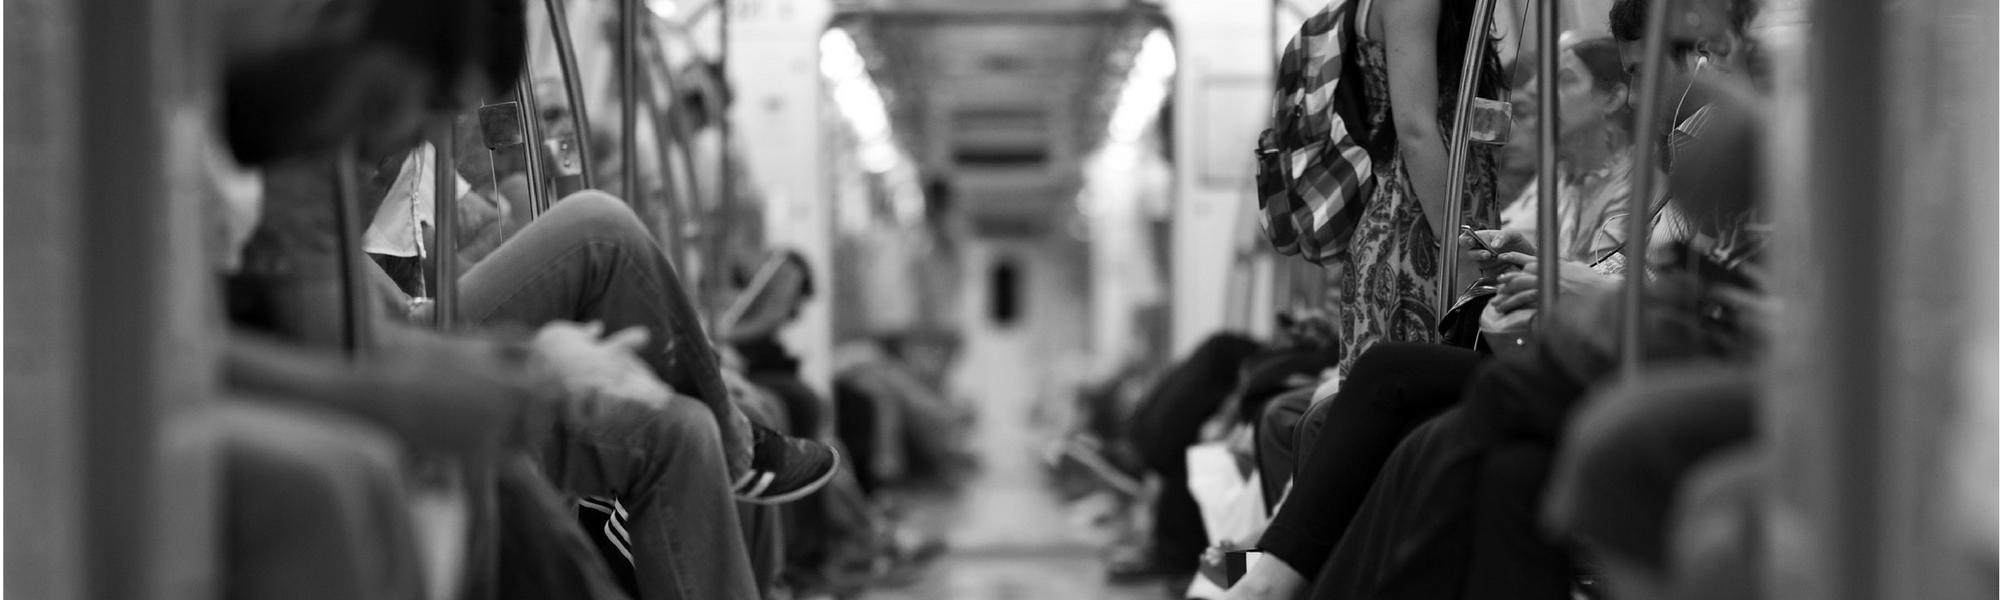 L'affichage au service de la prévention : la campagne contre le harcèlement sexuel dans les transports.